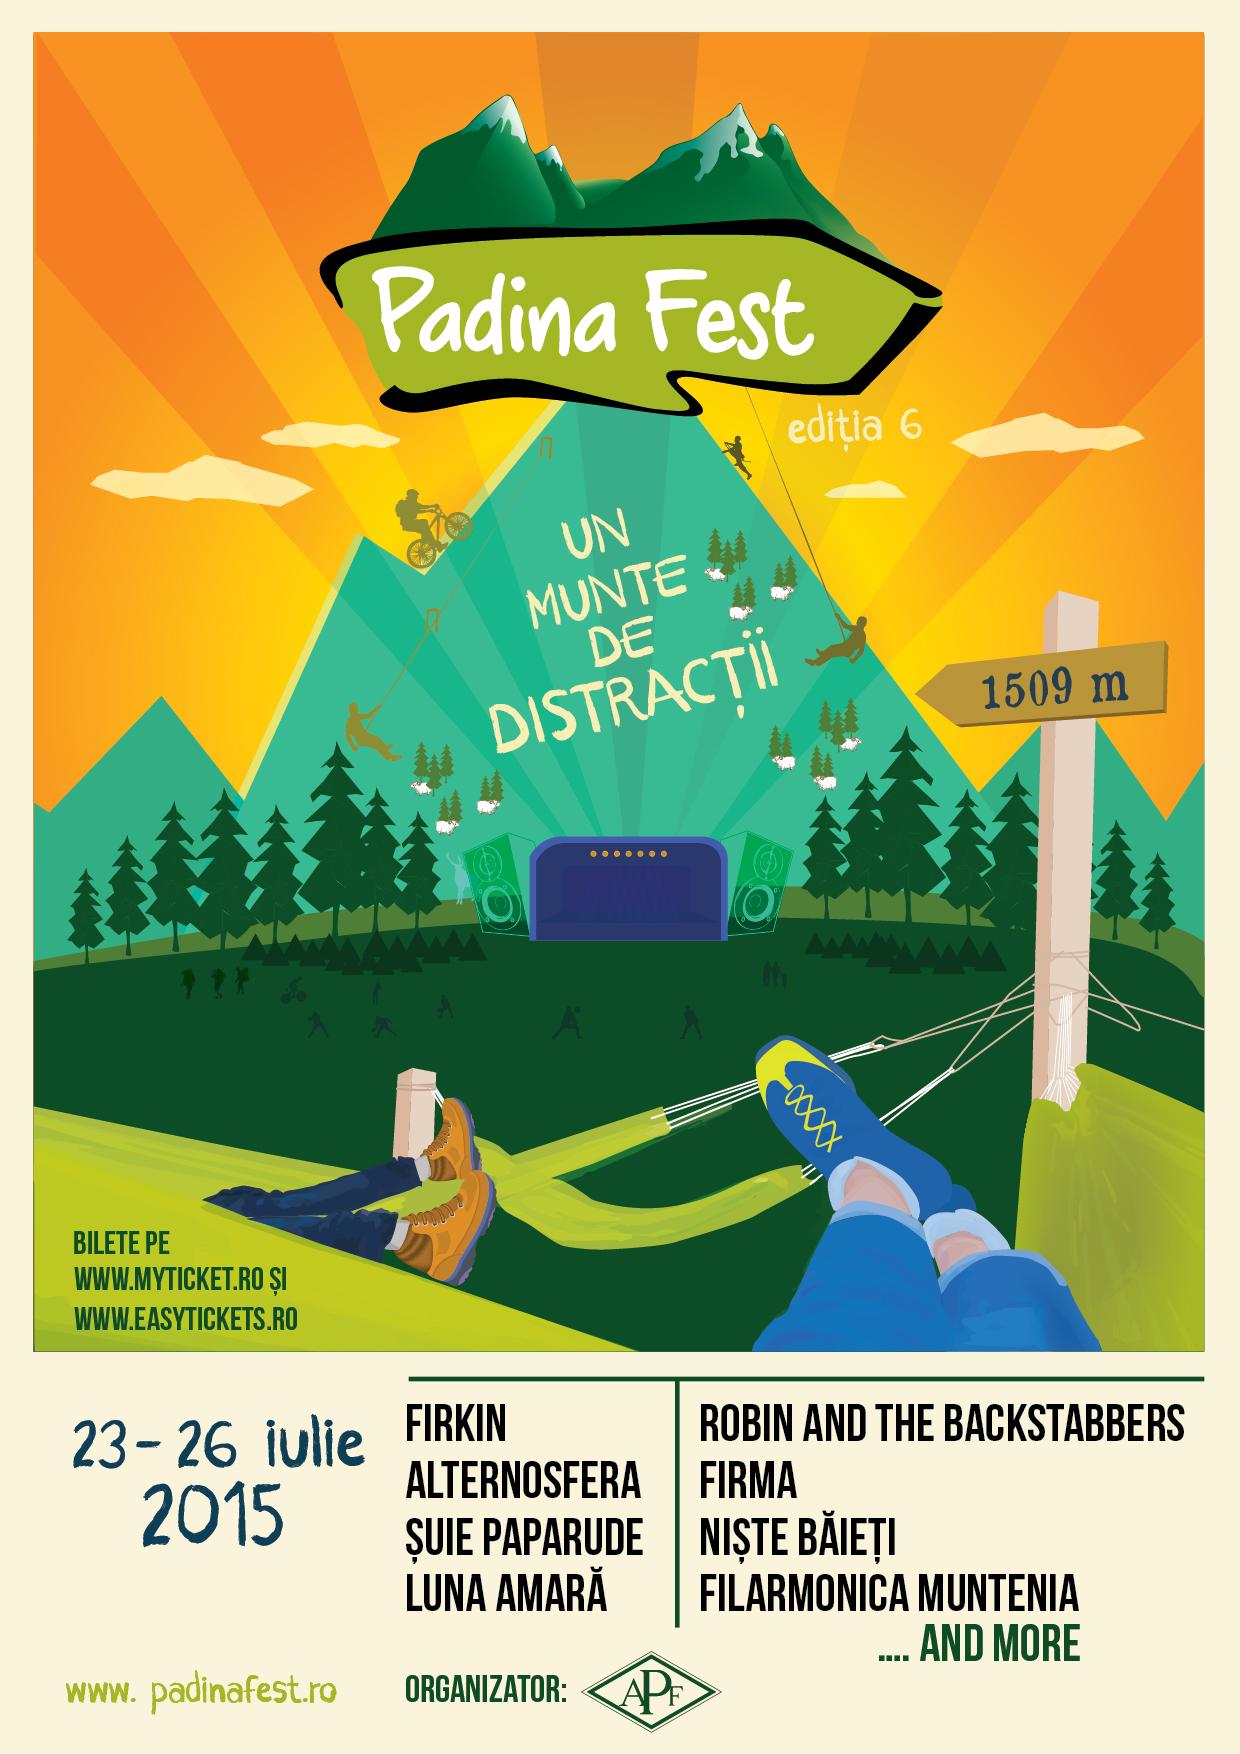 PADINA FEST 2015, un munte de distracţii la cea mai mare altitudine